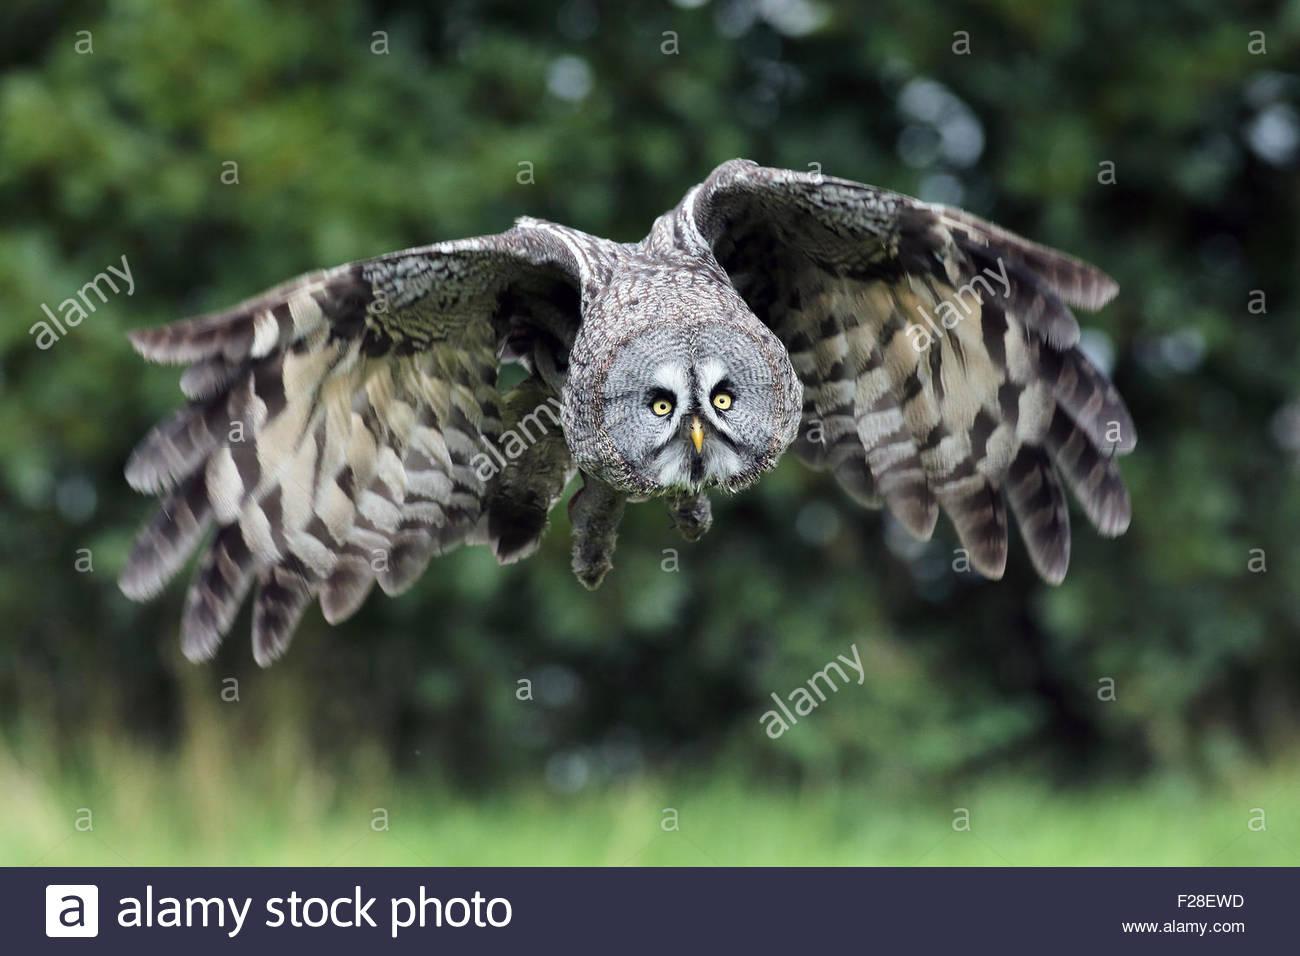 Un gran Búho gris en vuelo a través de una pradera. Imagen De Stock